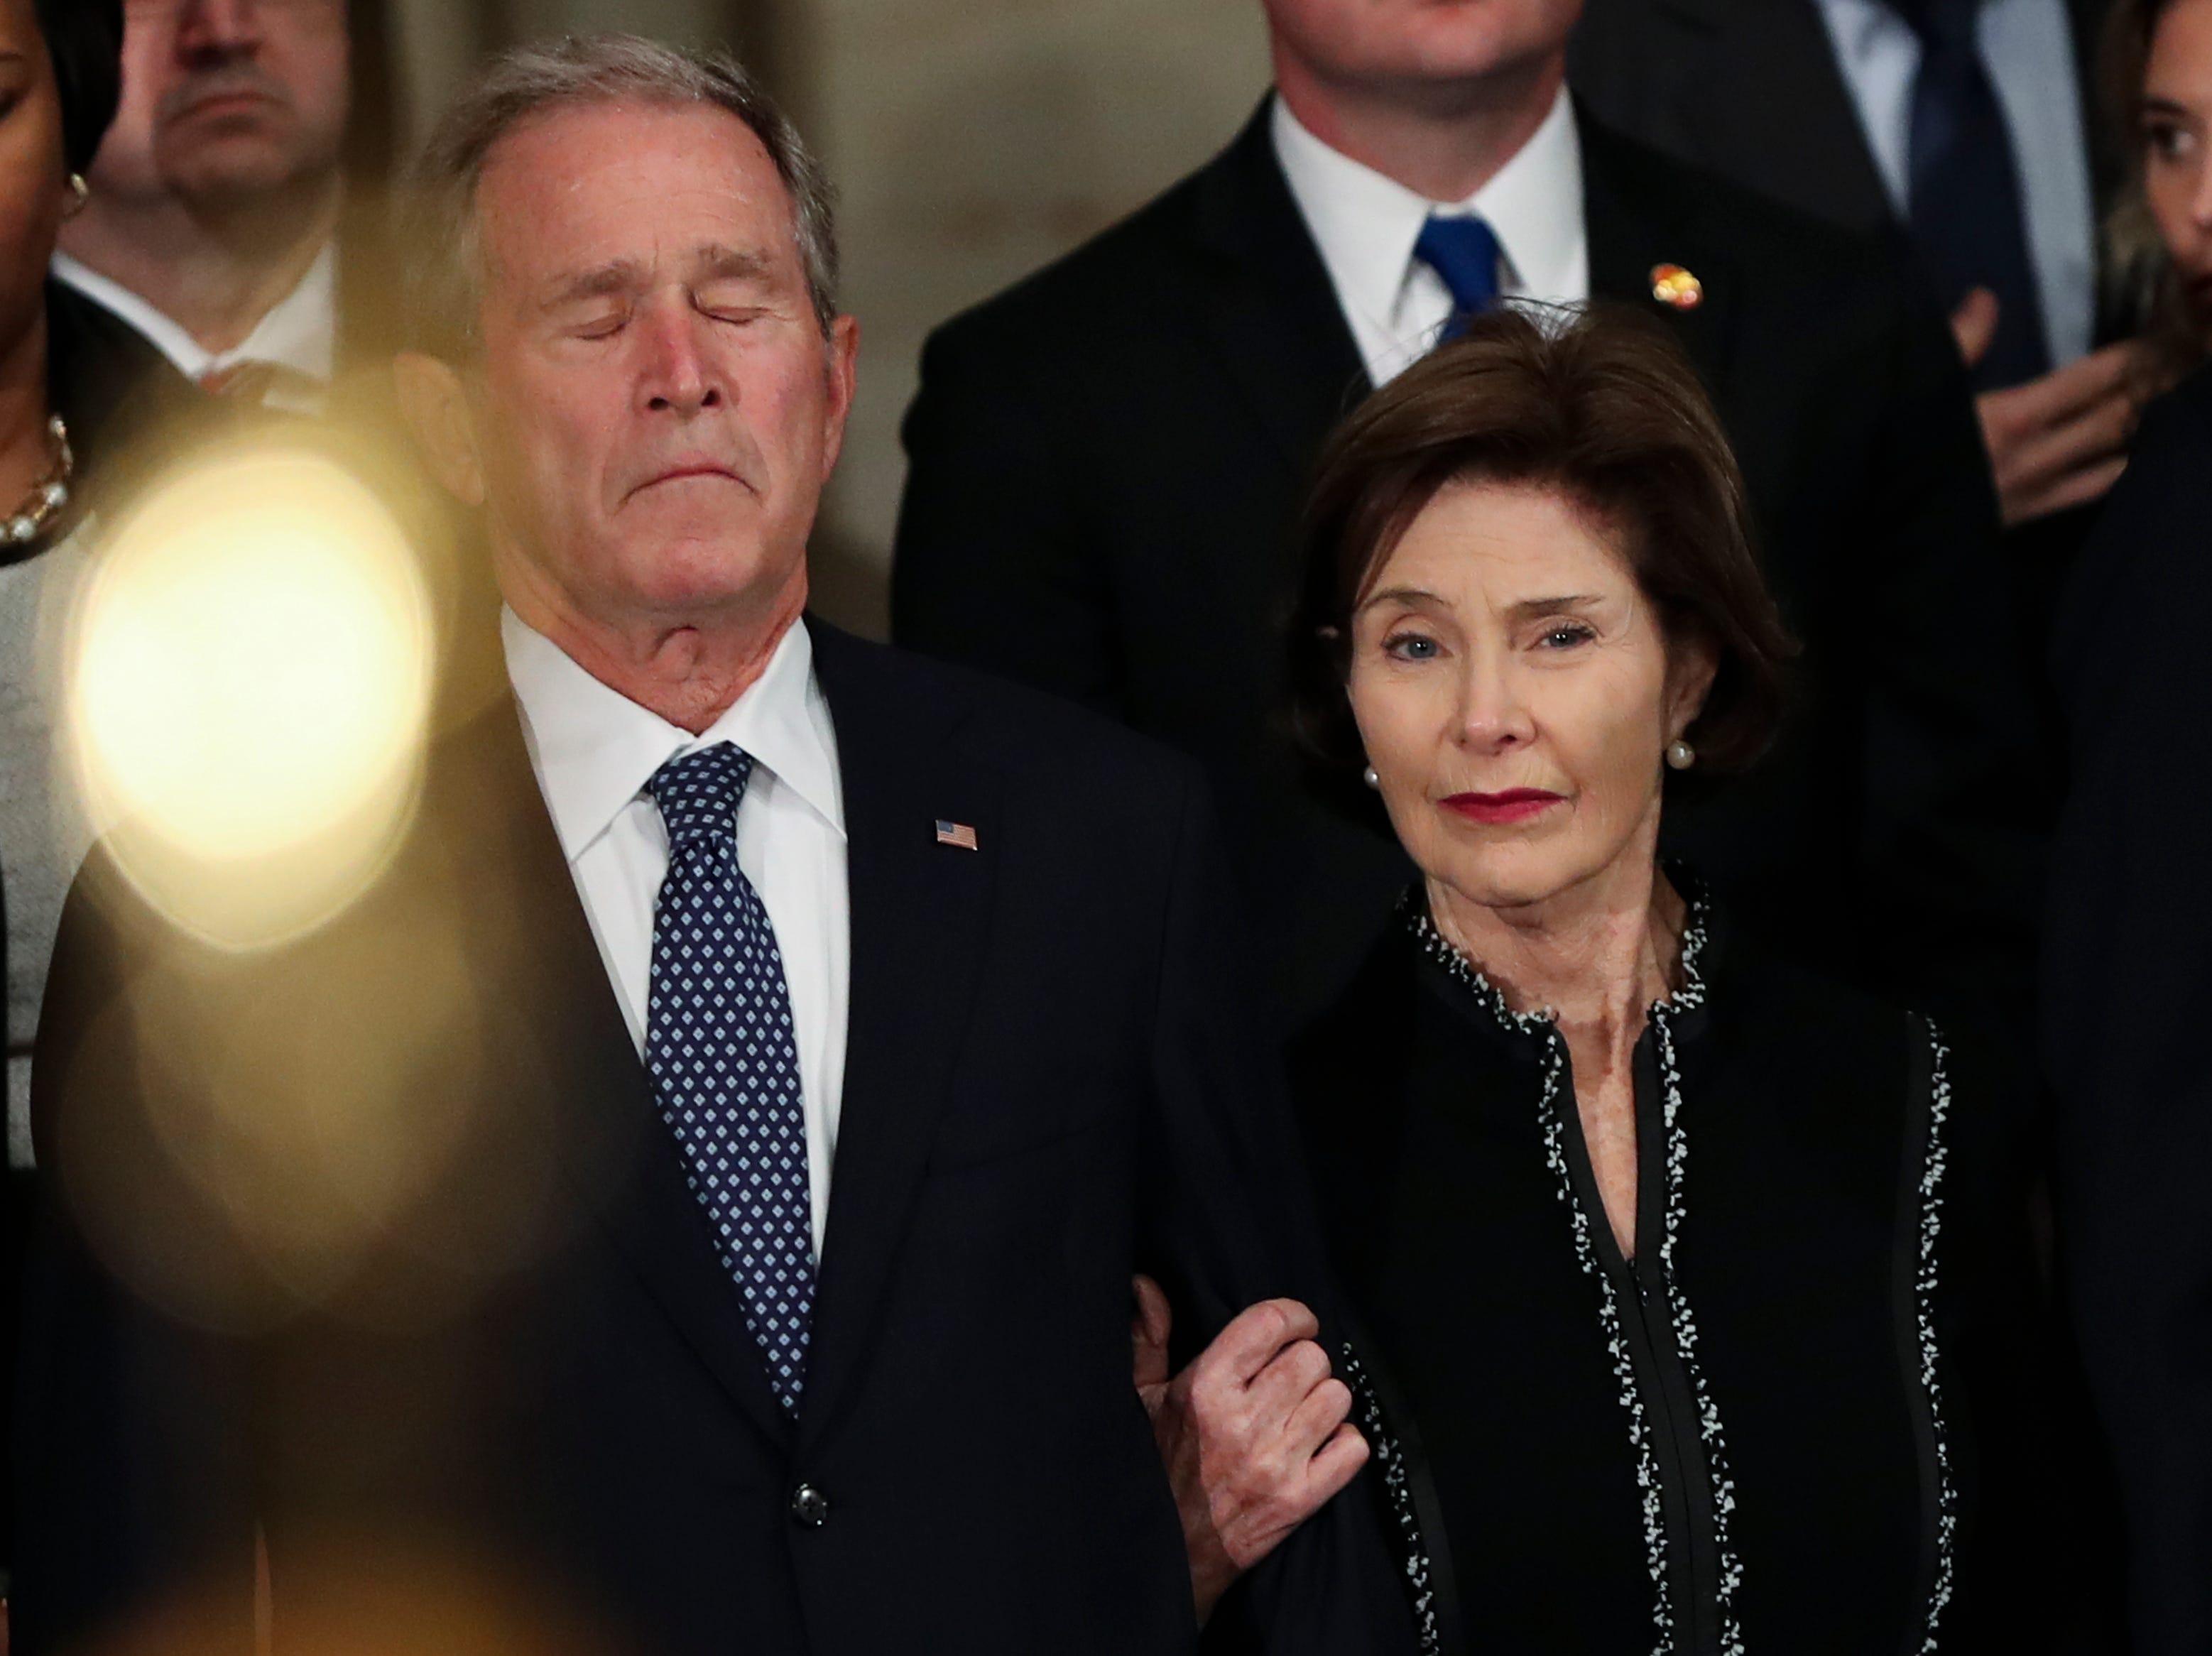 El ex presidente de los Estados Unidos George W. Bush y la ex primera dama Laura Bush durante la ceremonias del ex presidente de los Estados Unidos, George H.W. Bush en la Rotonda del Capitolio de los Estados Unidos el 3 de diciembre de 2018 en Washington, DC.